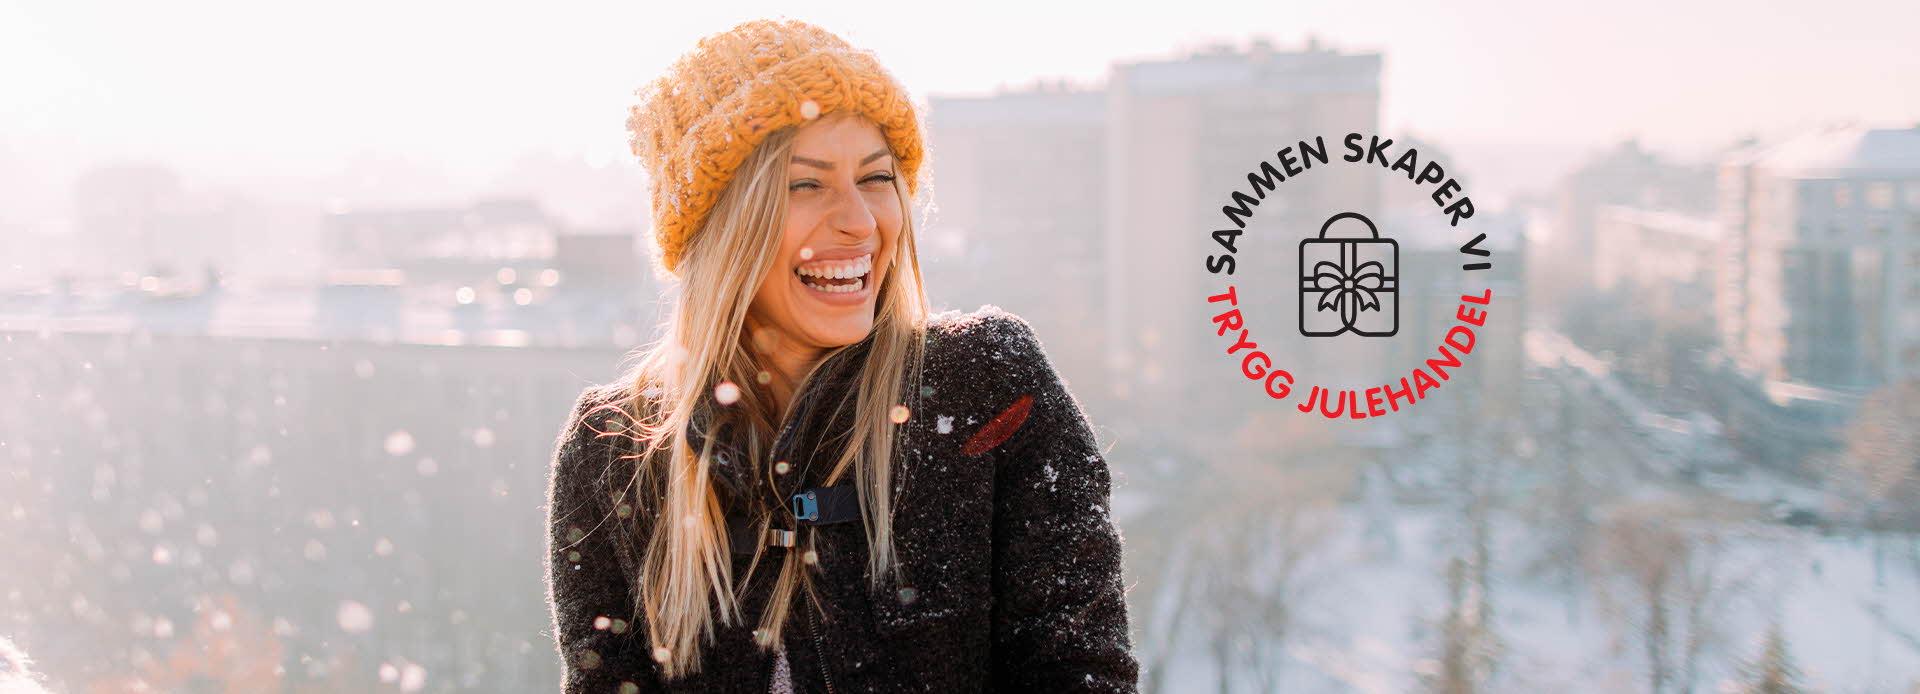 Kvinne som smiler og det står Trygg Handel